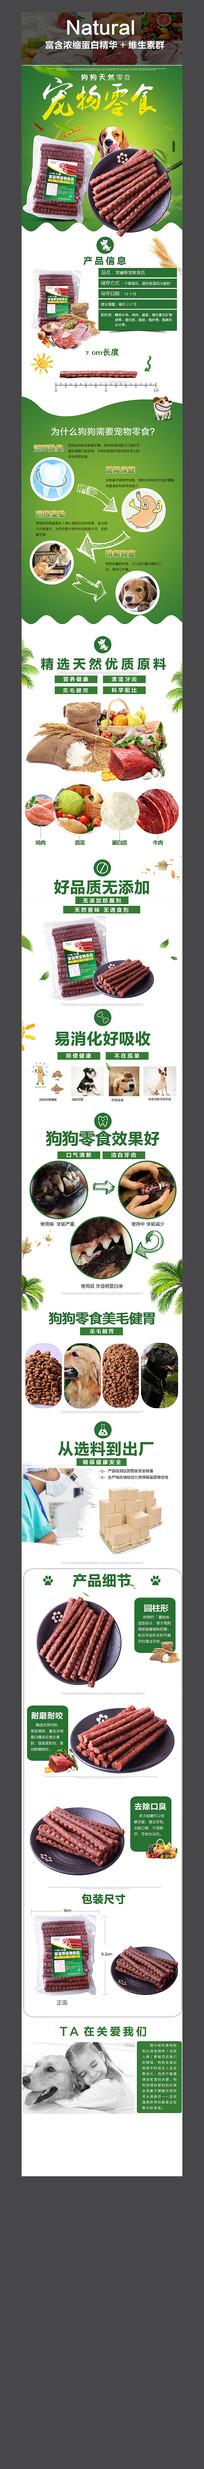 宠物用品淘宝详情页设计